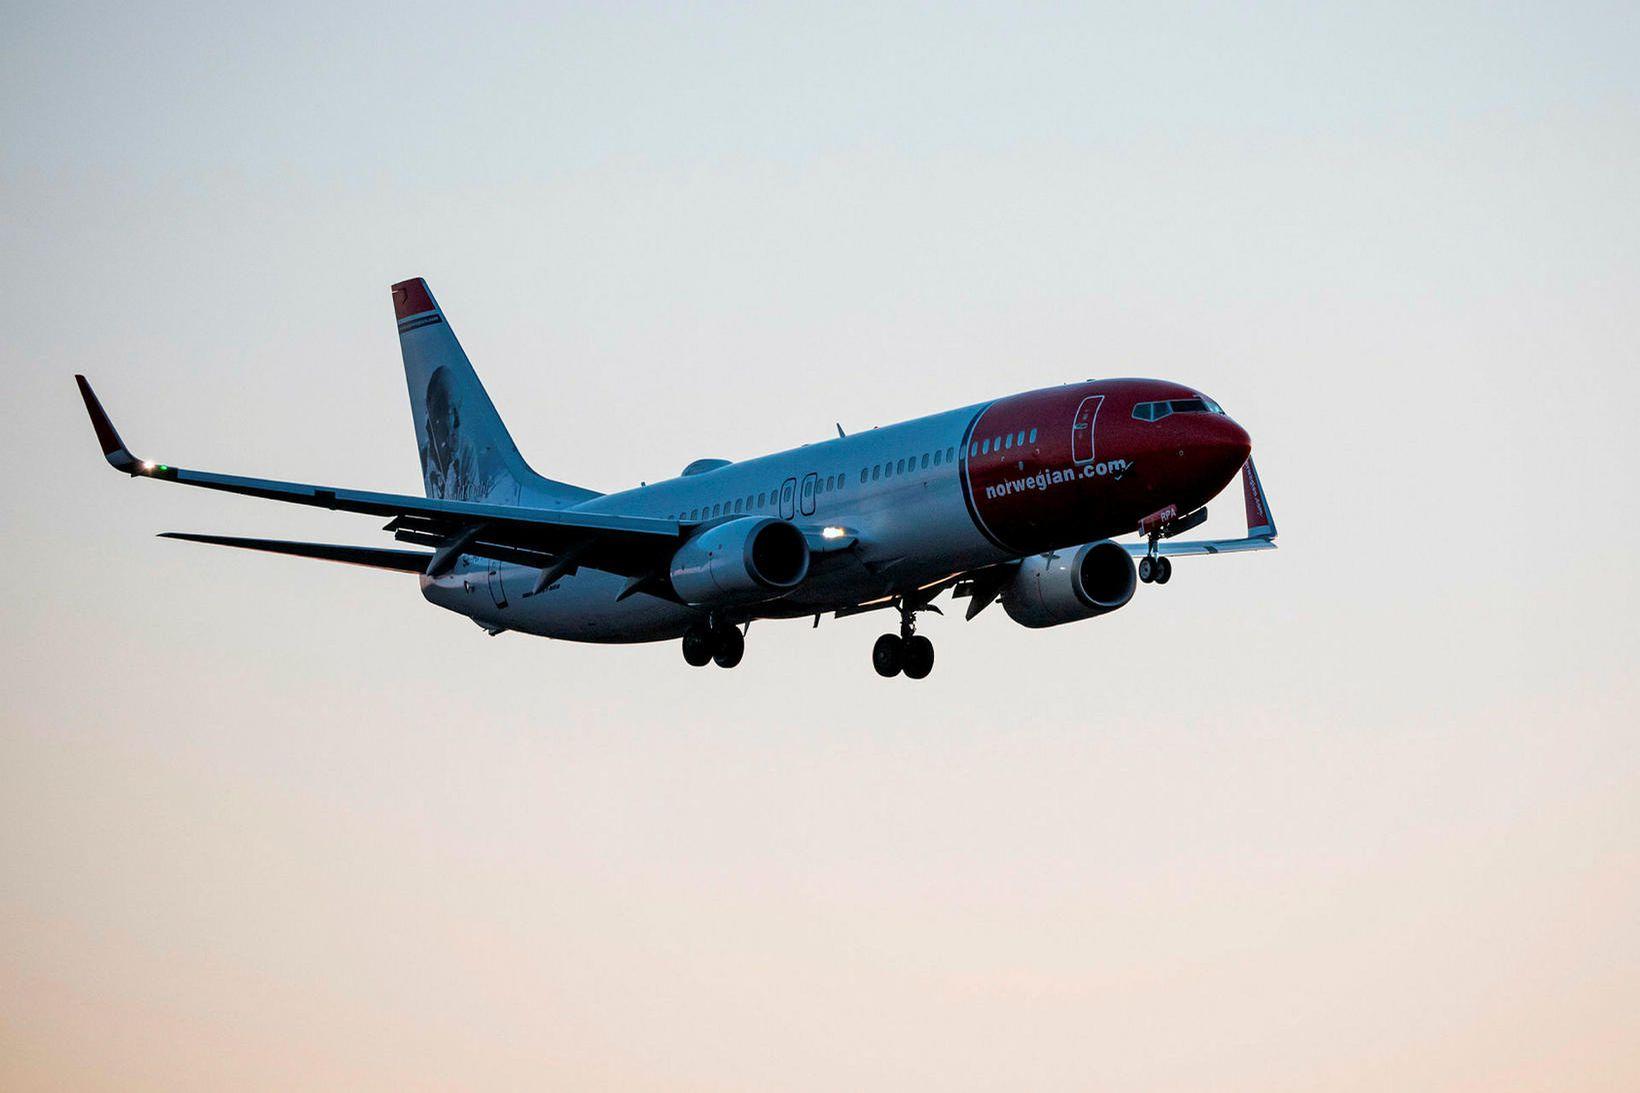 Norwegian Air sést hér á leið til lendingar á Arlanda-flugvelli …